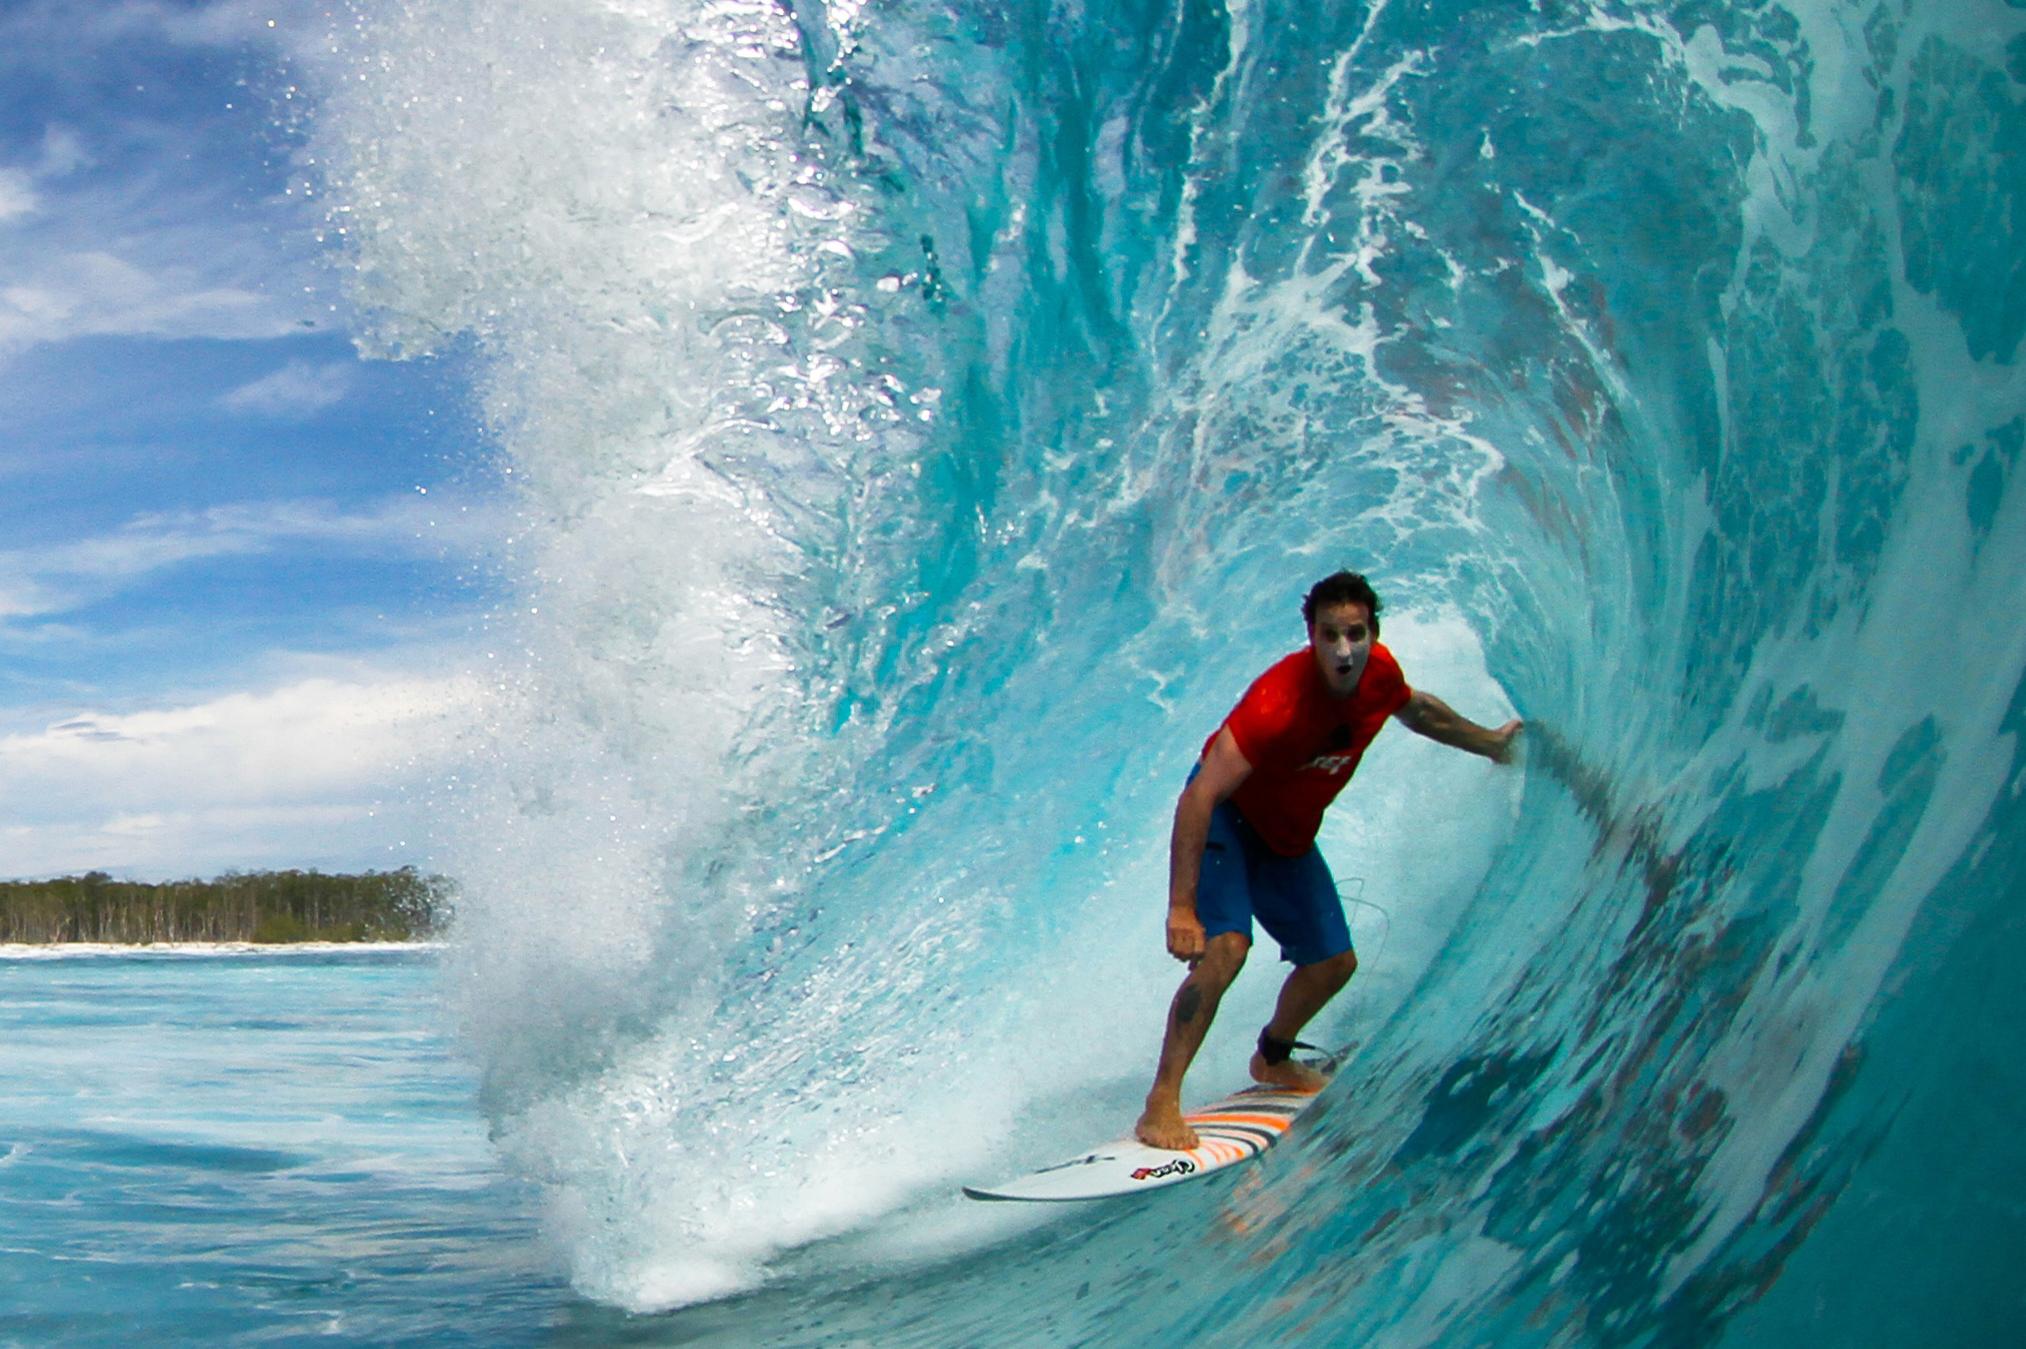 GARANX Gautier — Pulse Surf Coaching